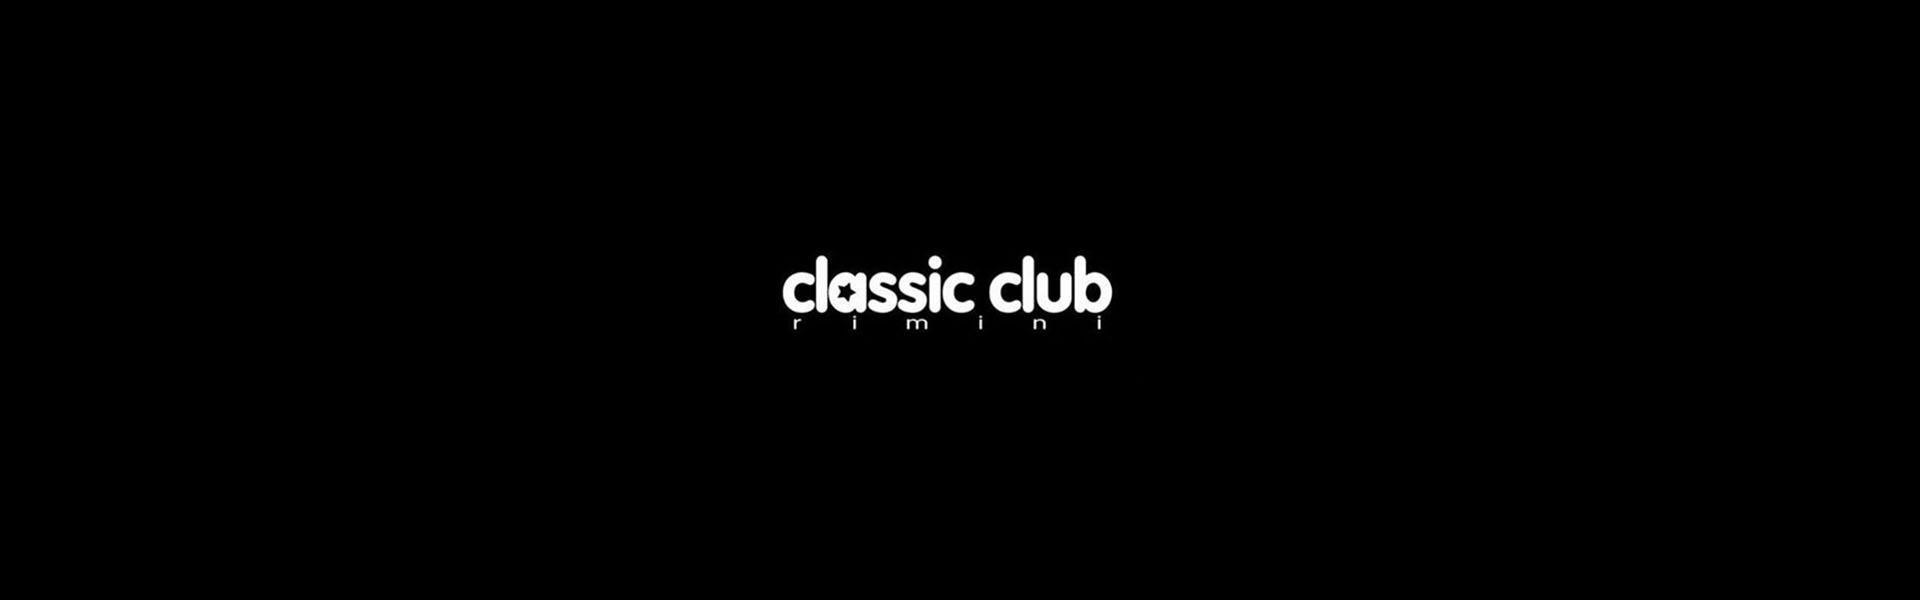 Classic Club - Rimini